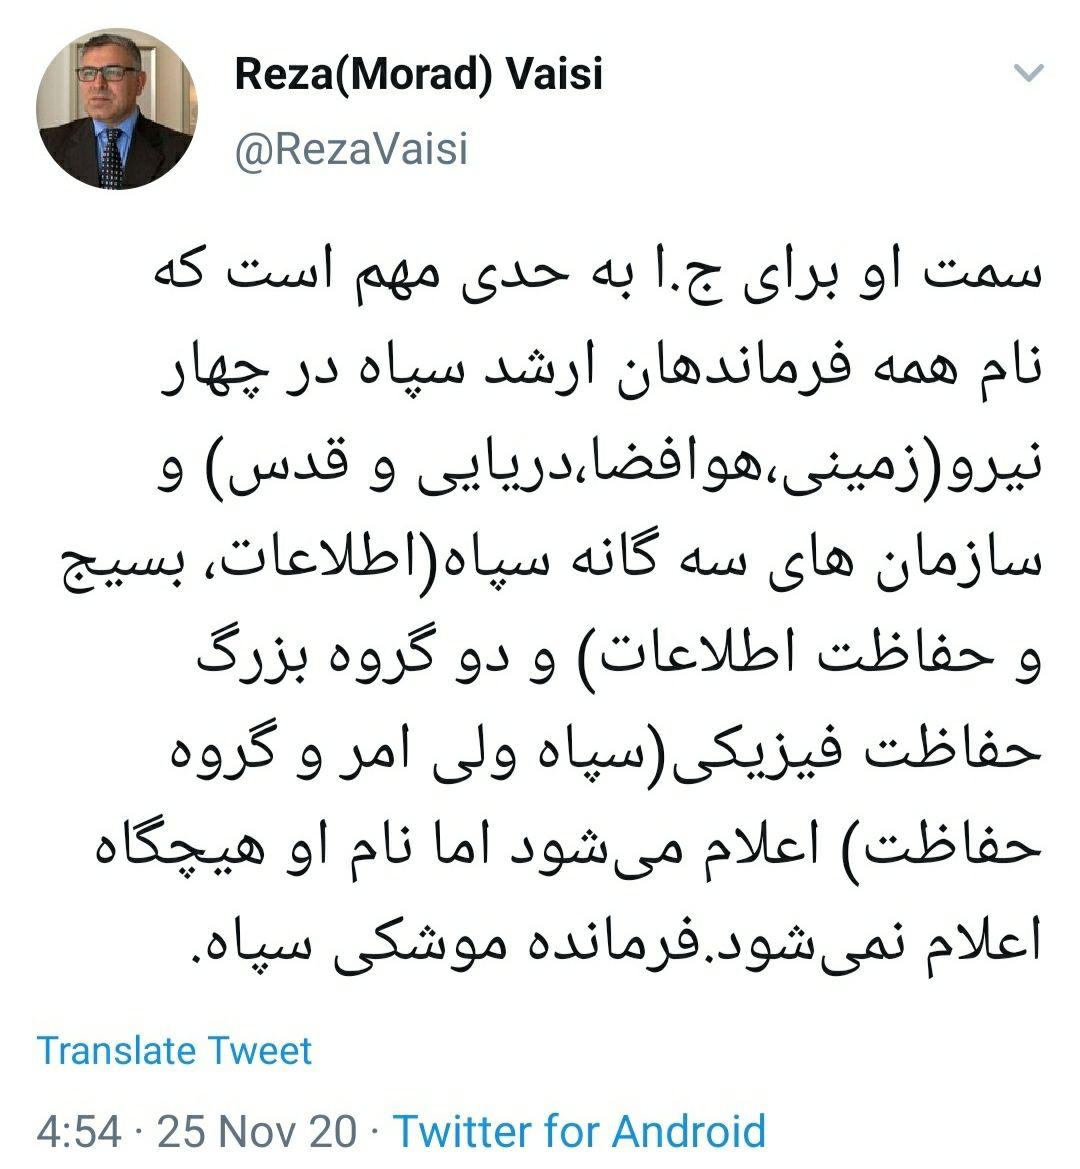 توییت مشکوک یک خبرنگار پیش از ترور شهید فخری زاده